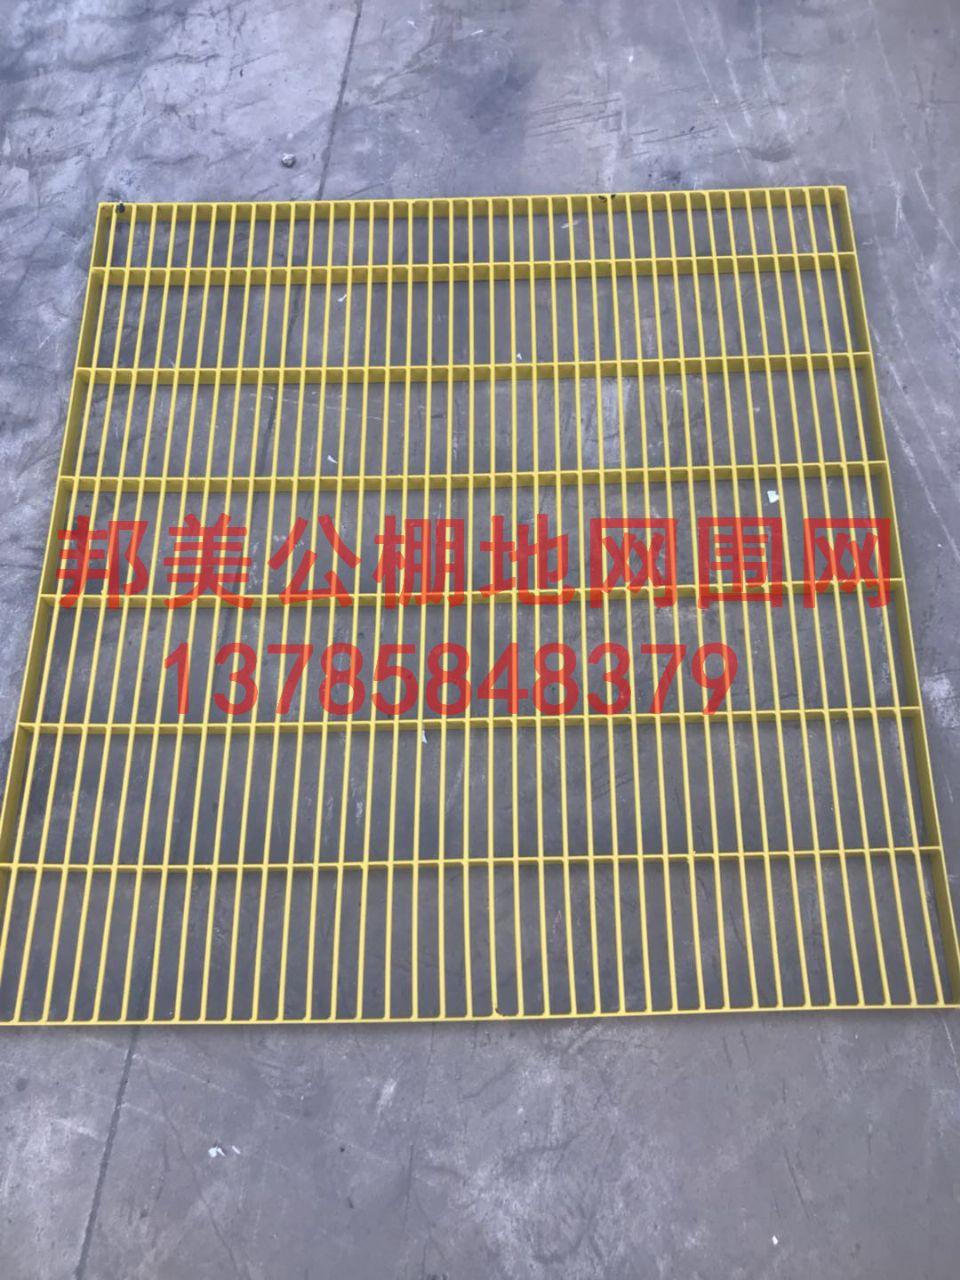 黄色包塑钢格地网